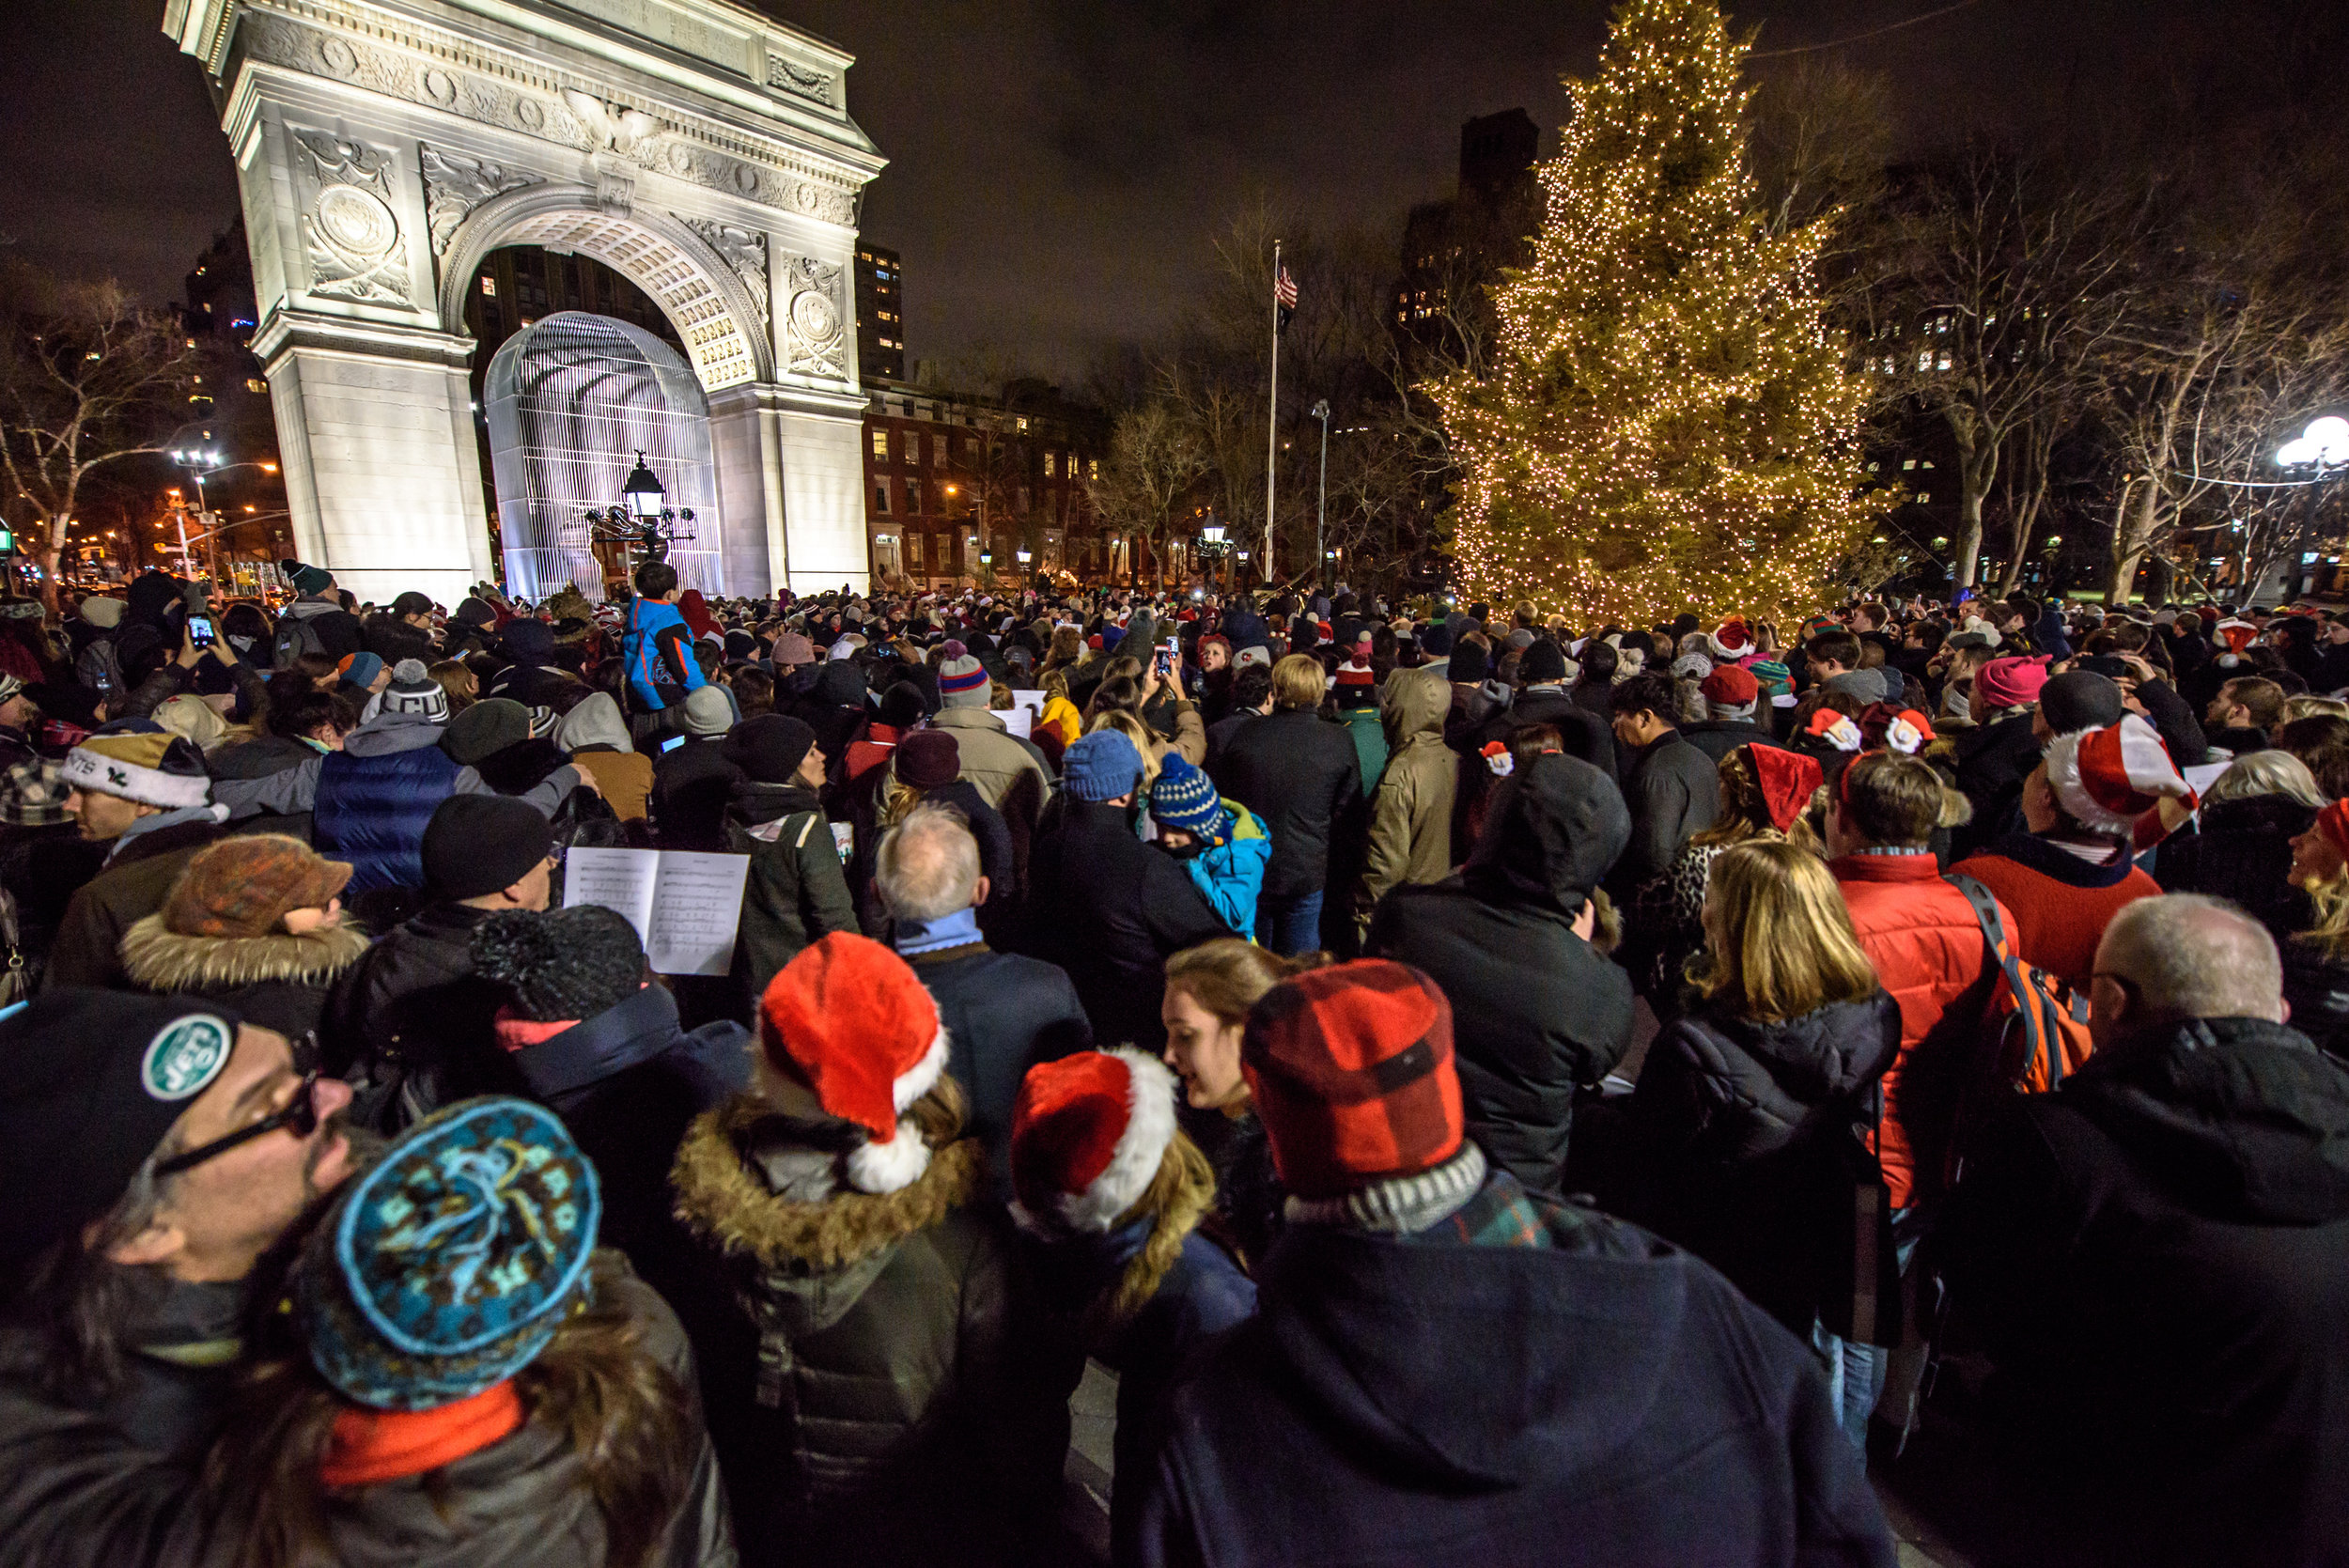 1. Washington Square Park